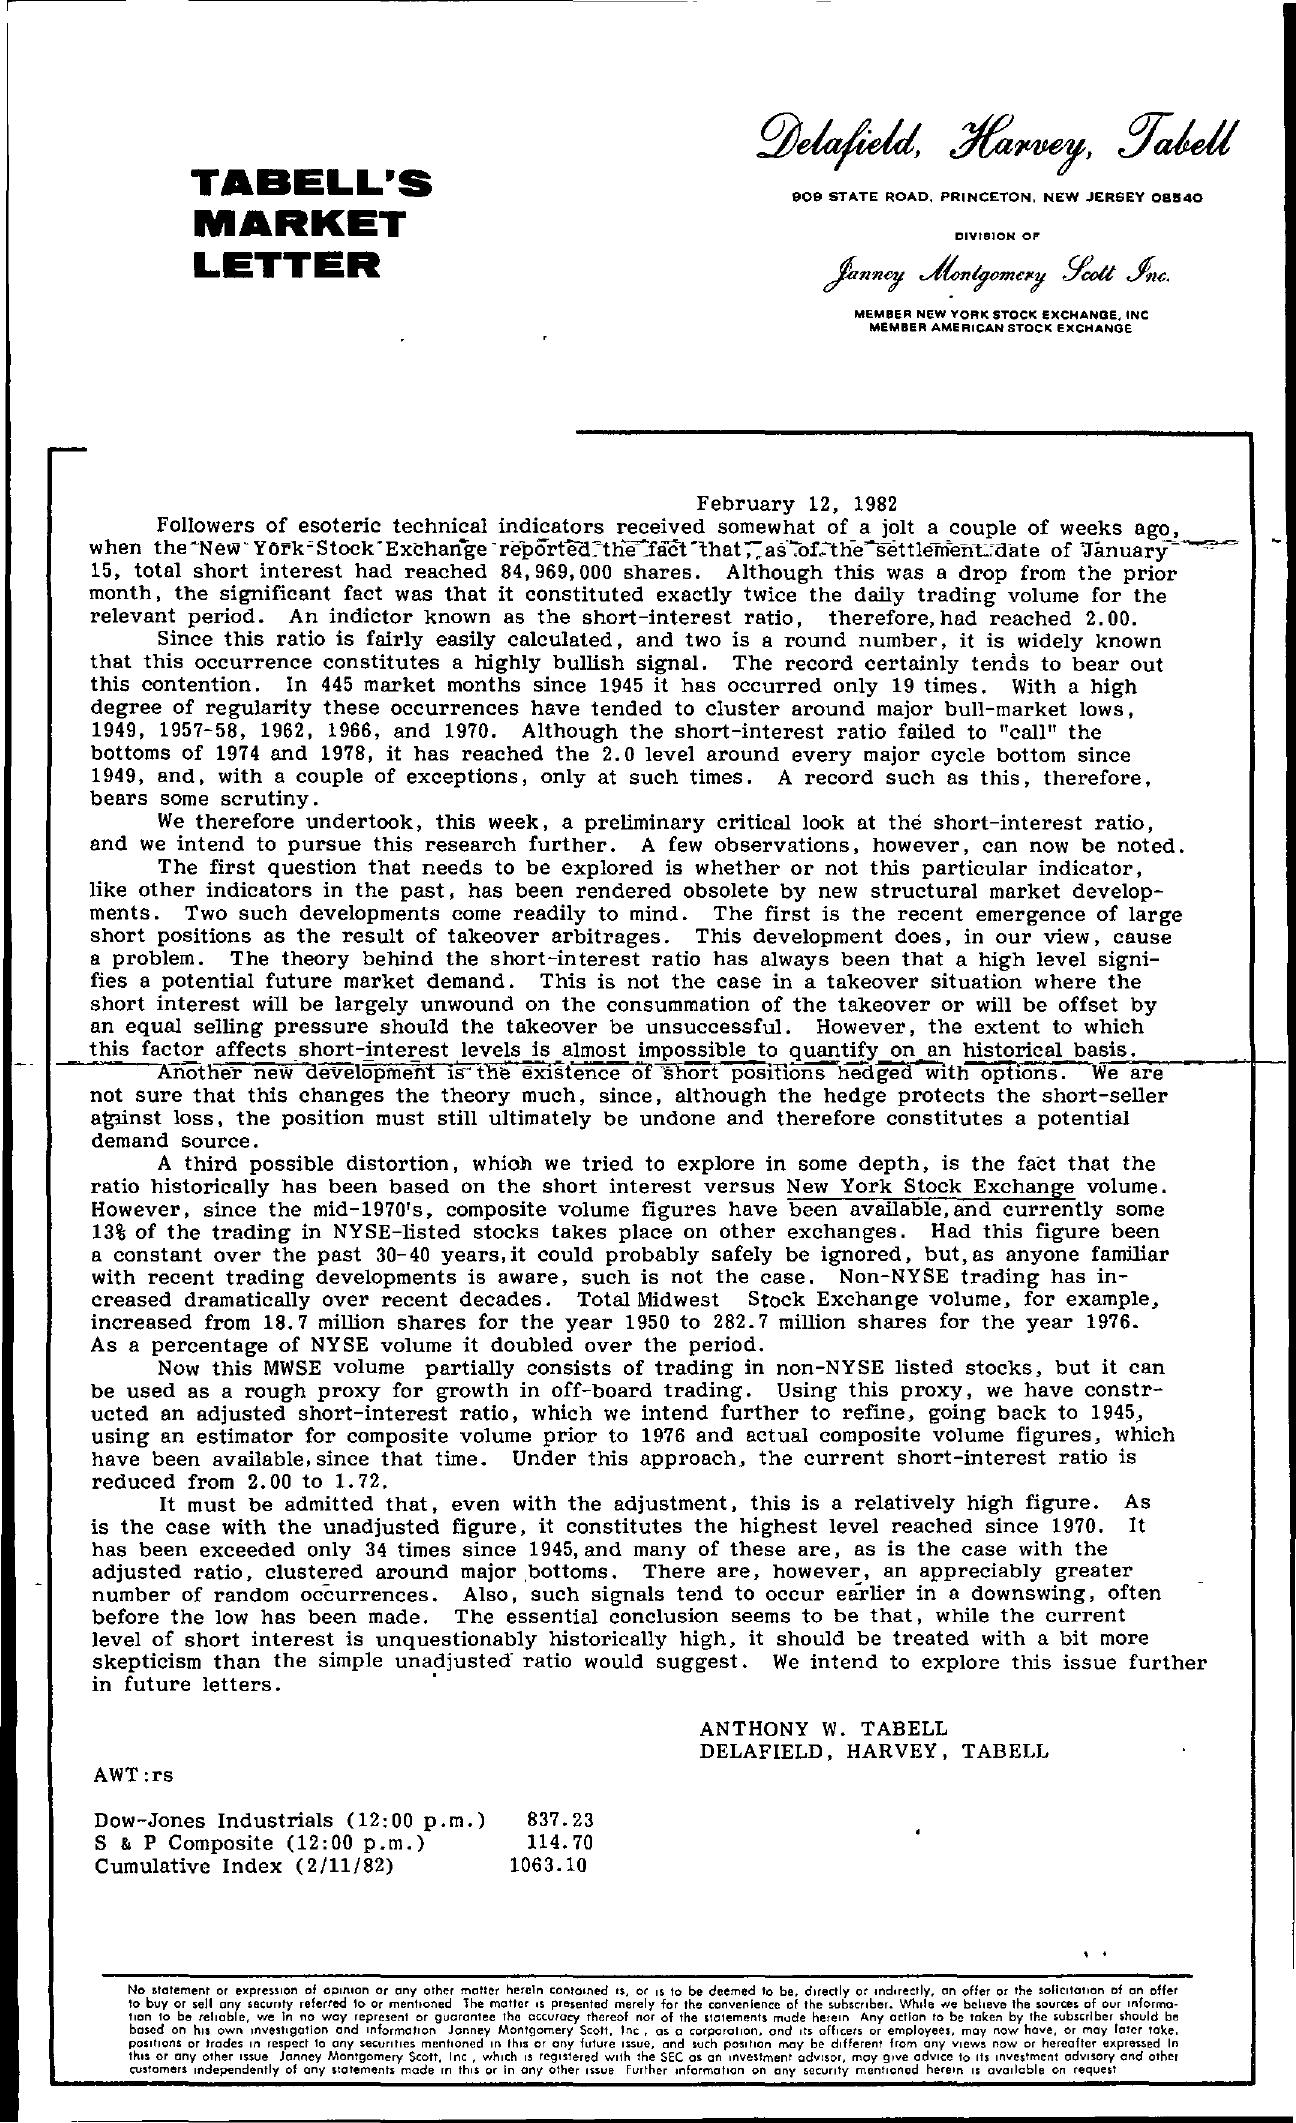 Tabell's Market Letter - February 12, 1982